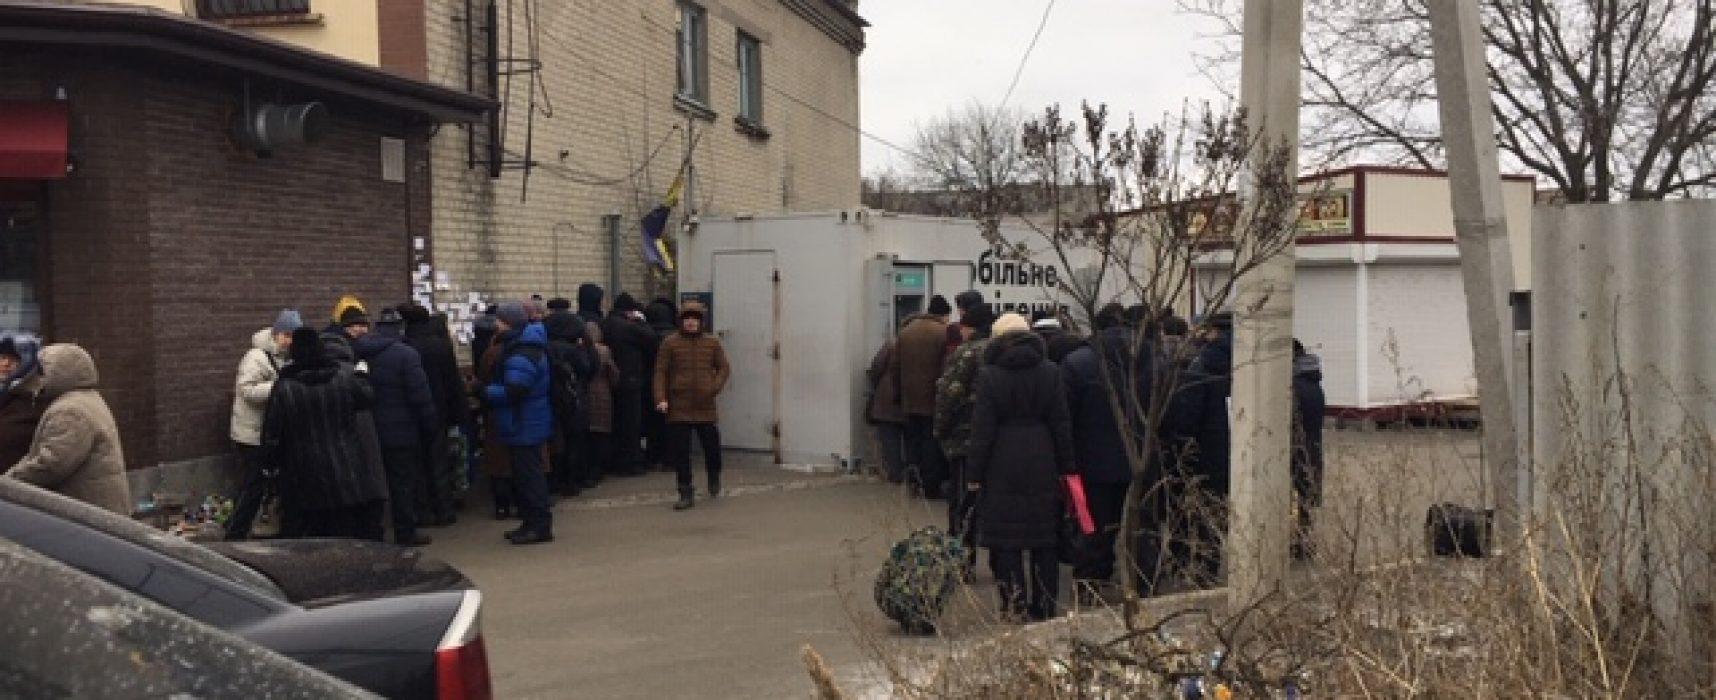 Ucraina, la vita in Donbas con la legge marziale